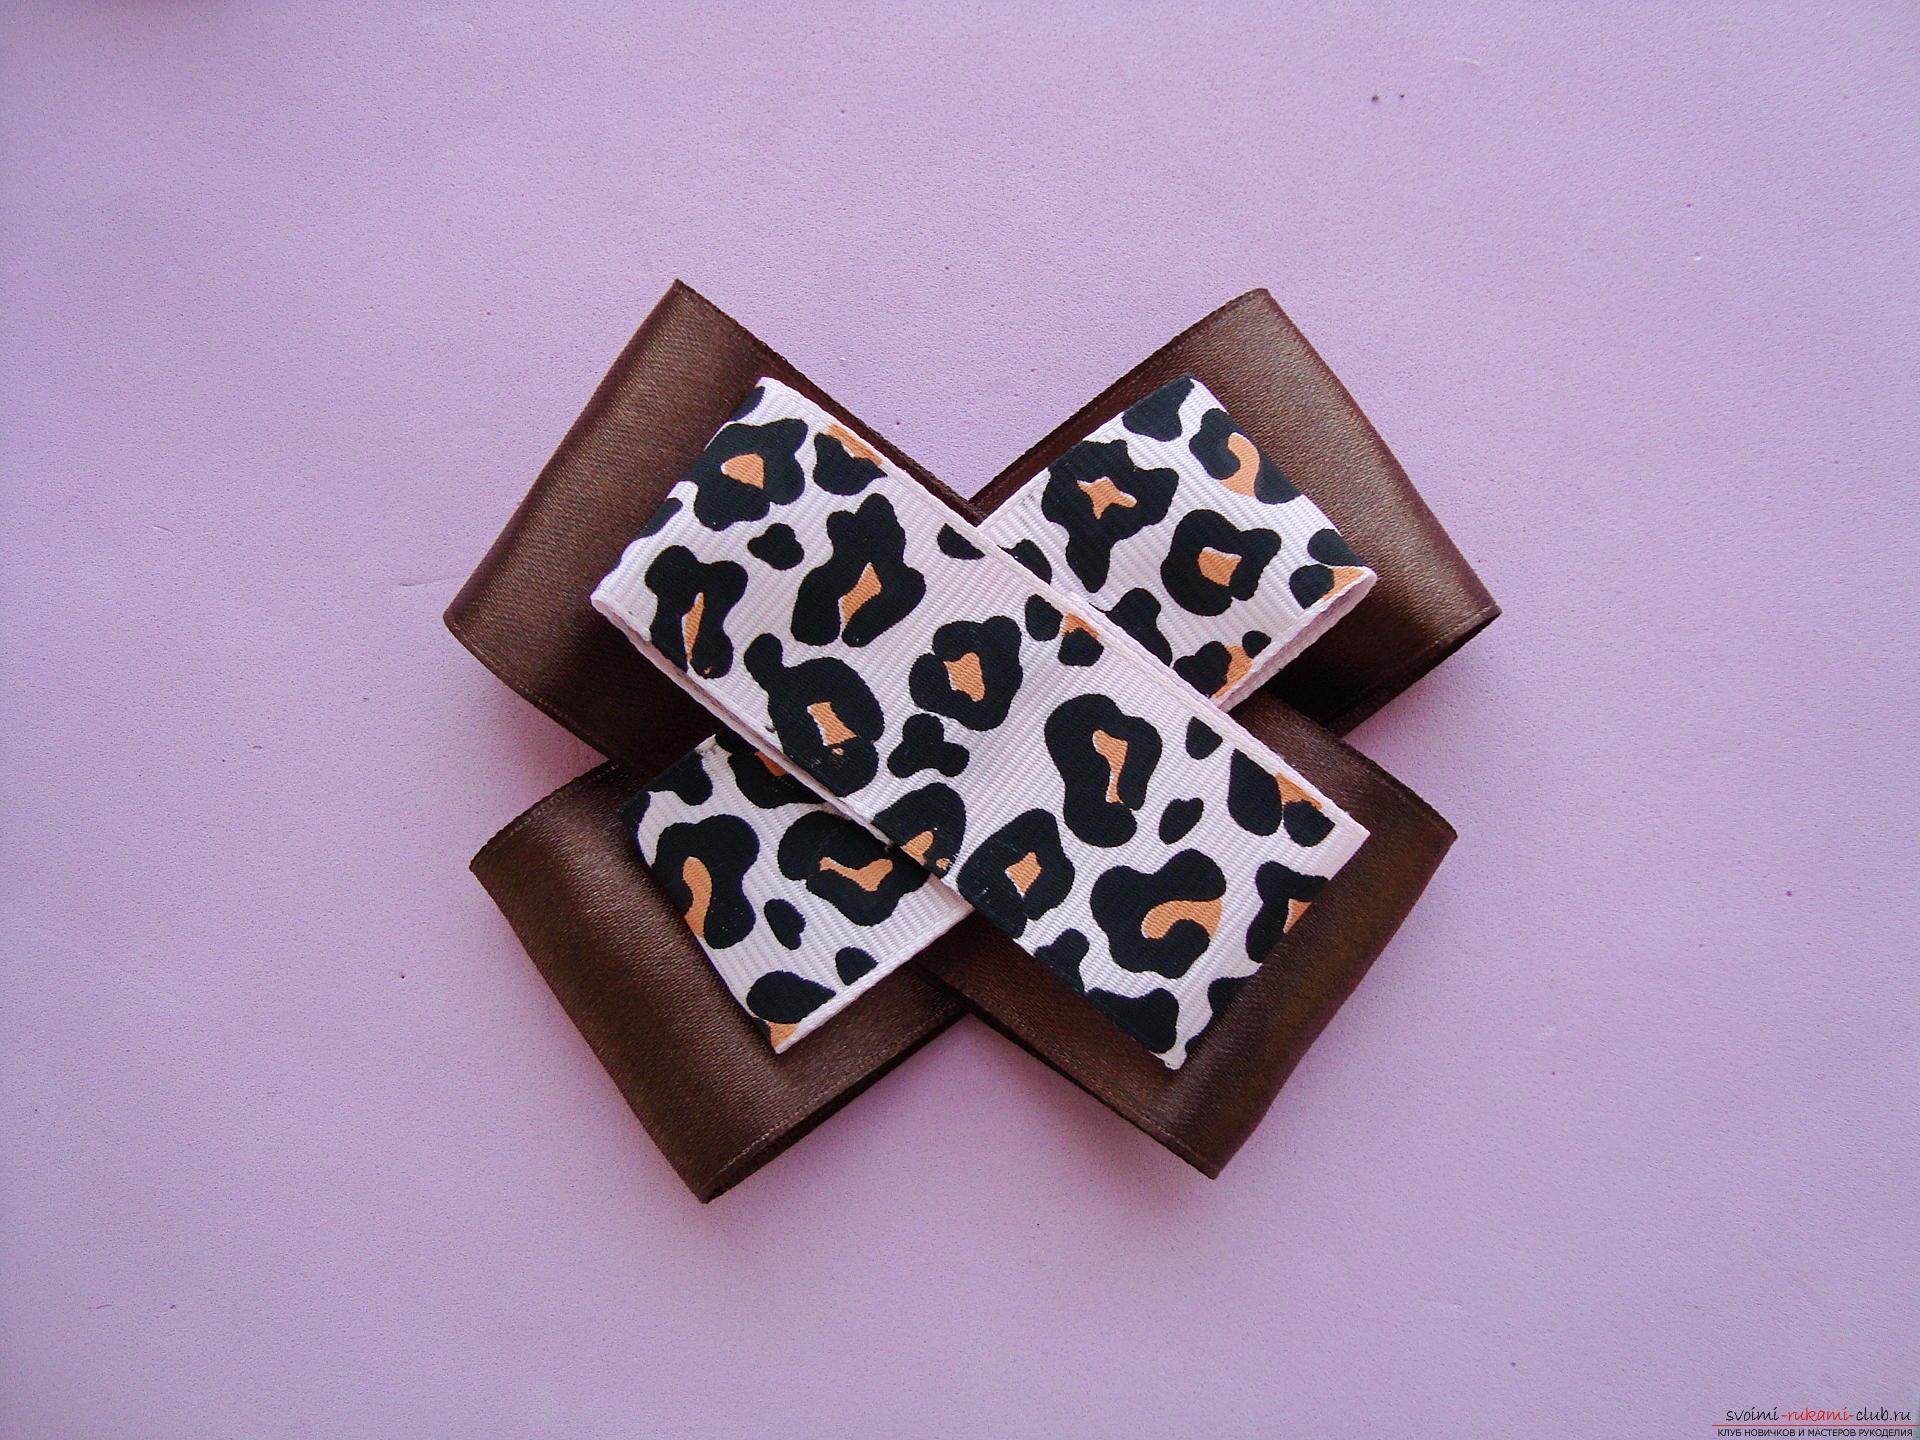 Пошаговая фото-инструкция по изготовлению бантиков с цветами в технике канзаши. Фото №15